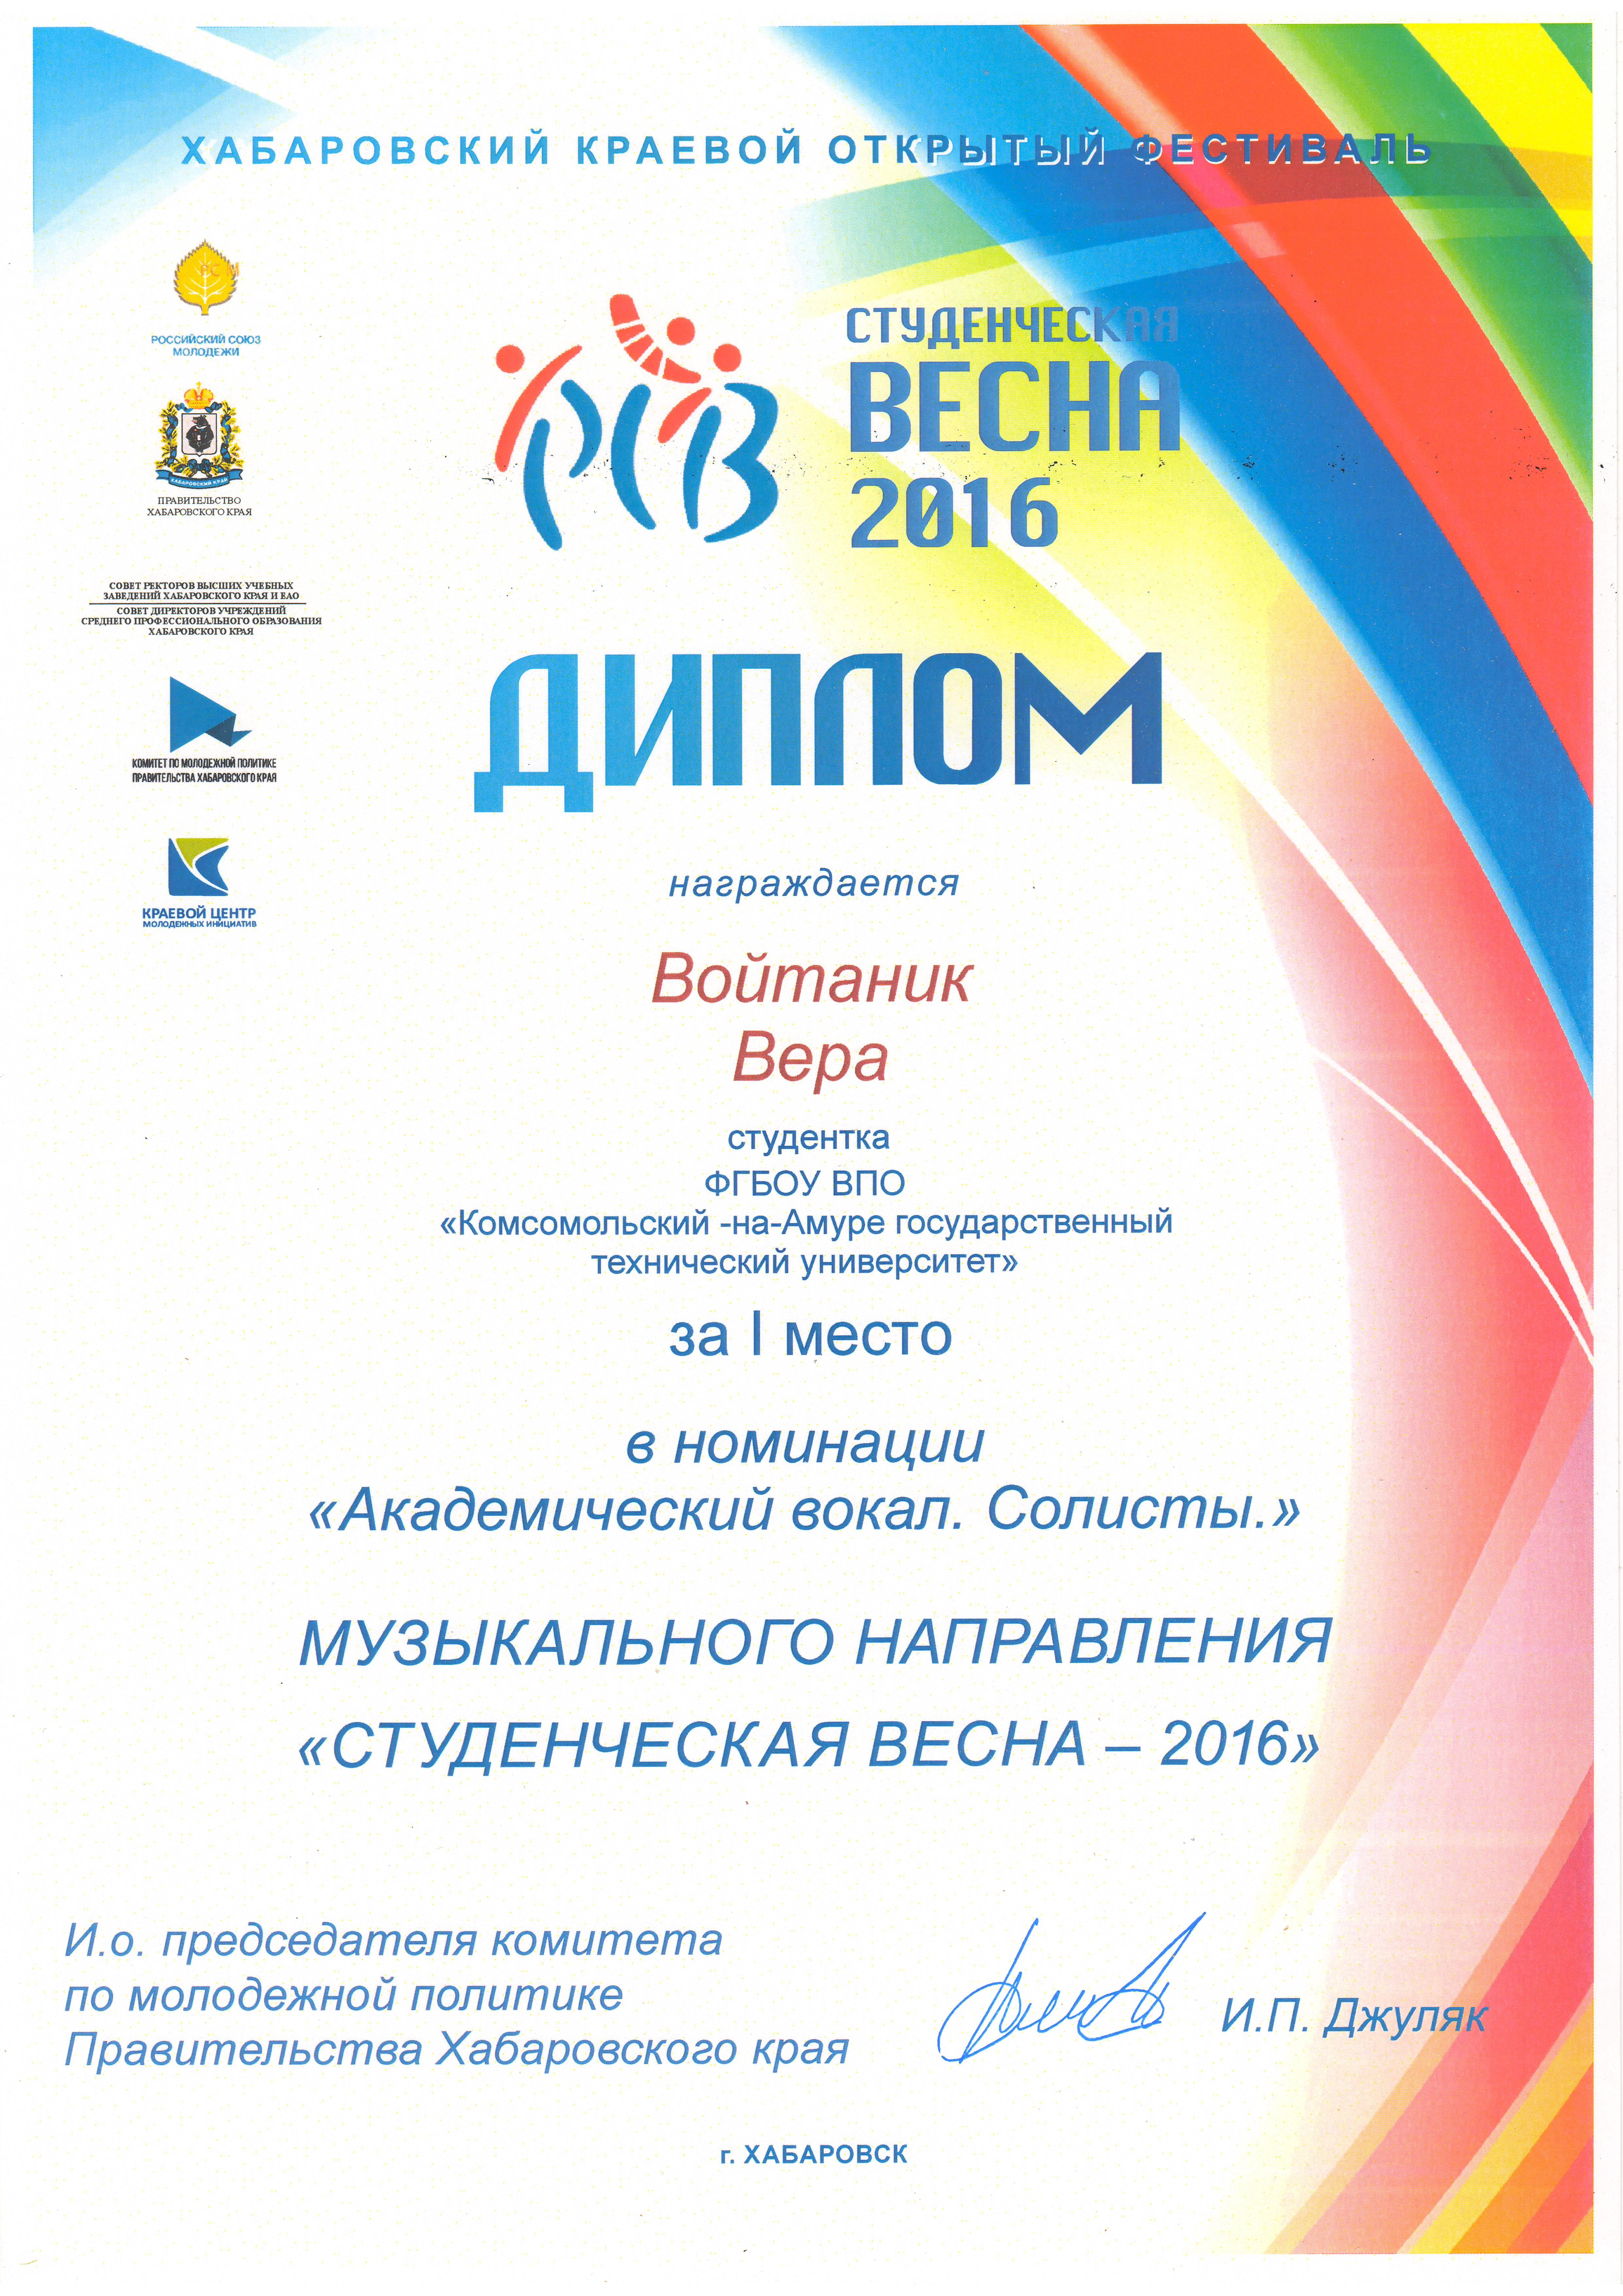 КнАГУ Культура и искусство Кожушко Дарья Диплом номинации Специальный приз жюри